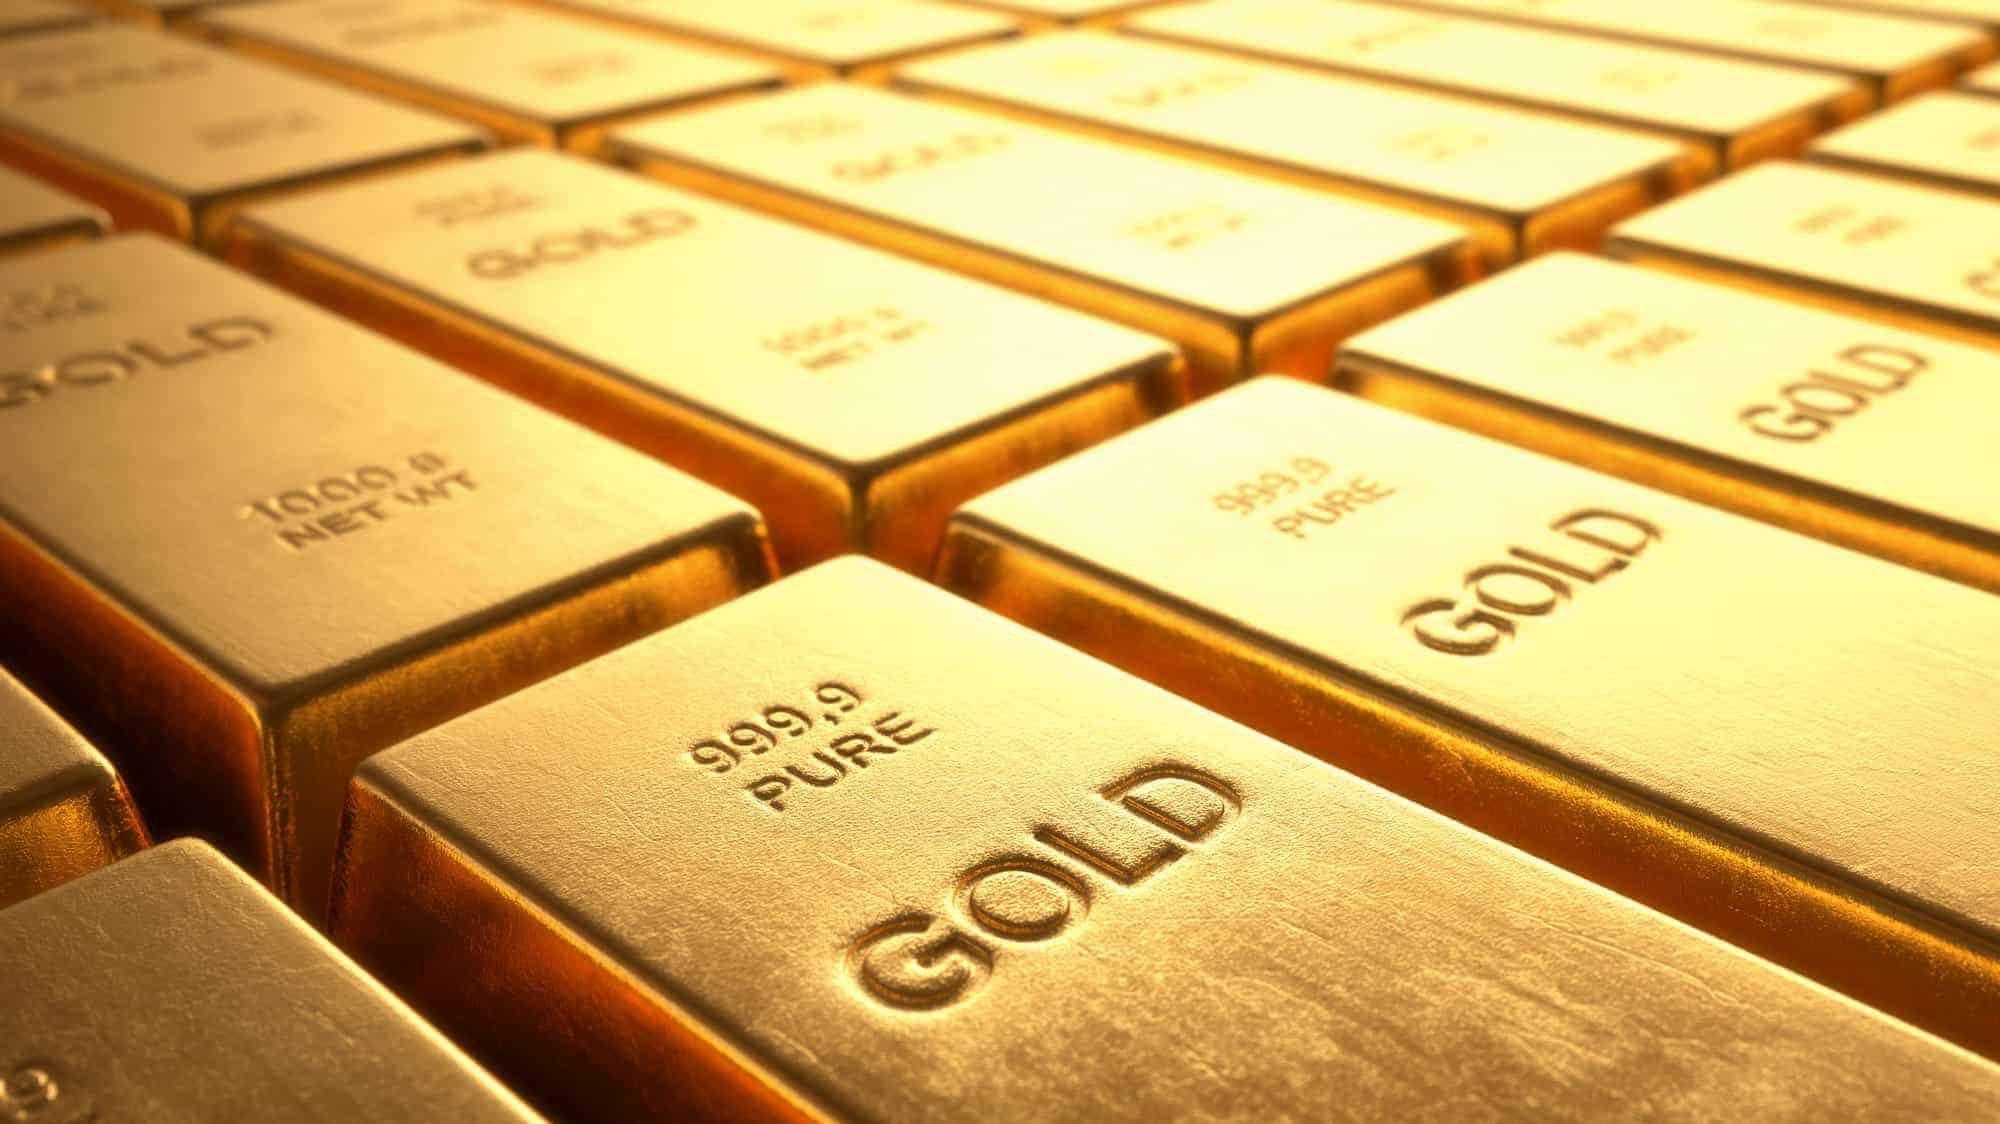 Goudprijs stijgt naar hoogste niveau sinds 2012